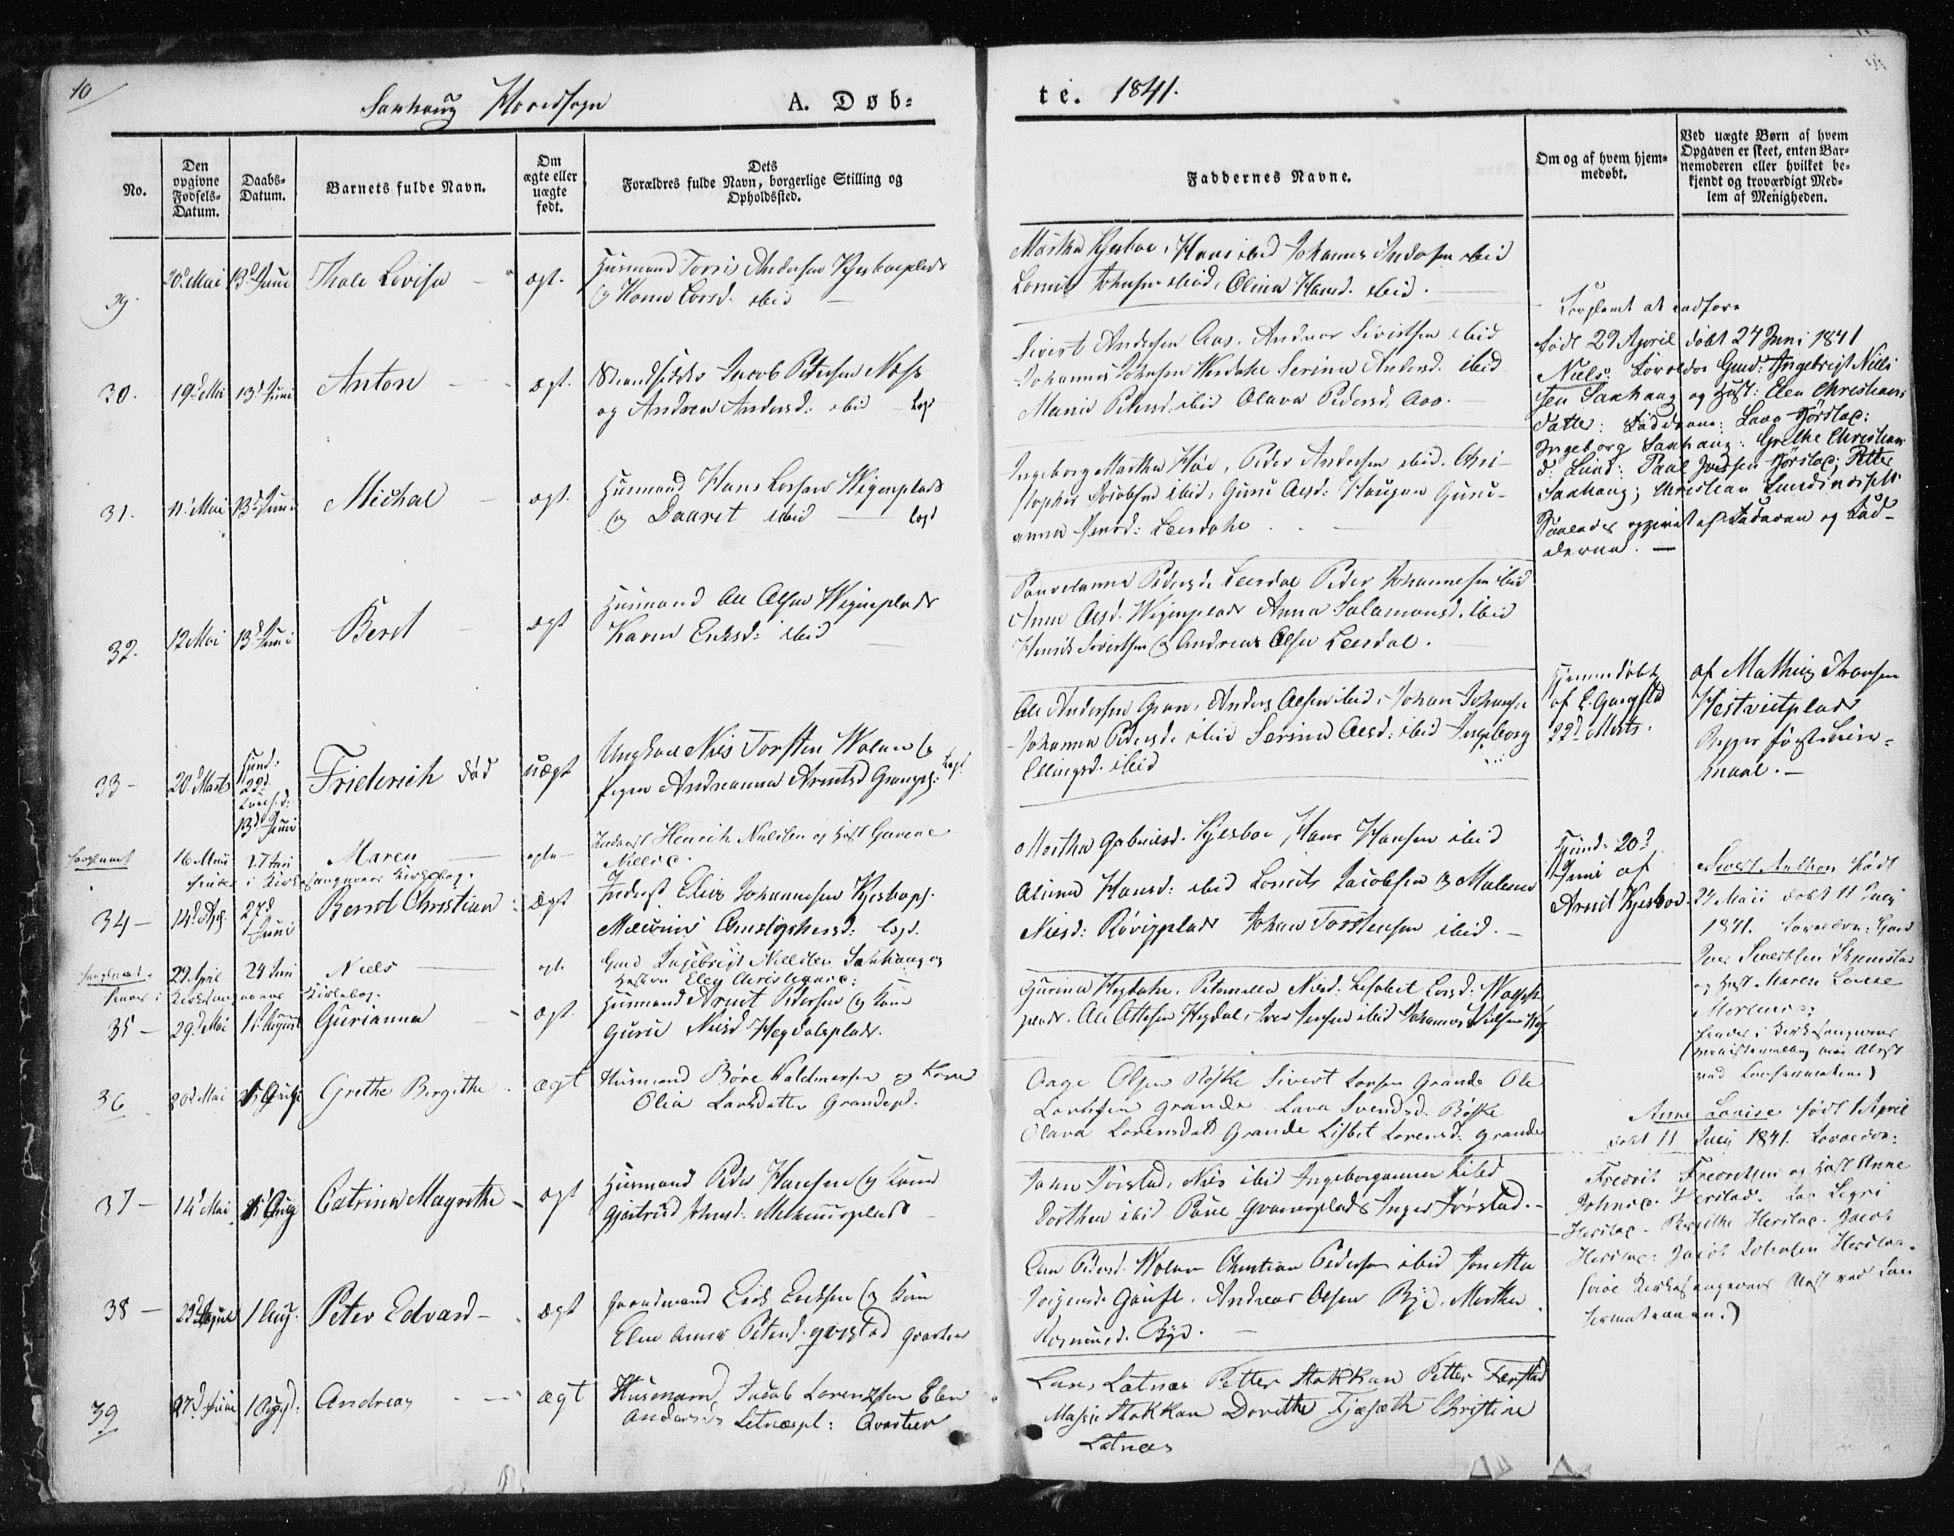 SAT, Ministerialprotokoller, klokkerbøker og fødselsregistre - Nord-Trøndelag, 730/L0280: Ministerialbok nr. 730A07 /1, 1840-1854, s. 10